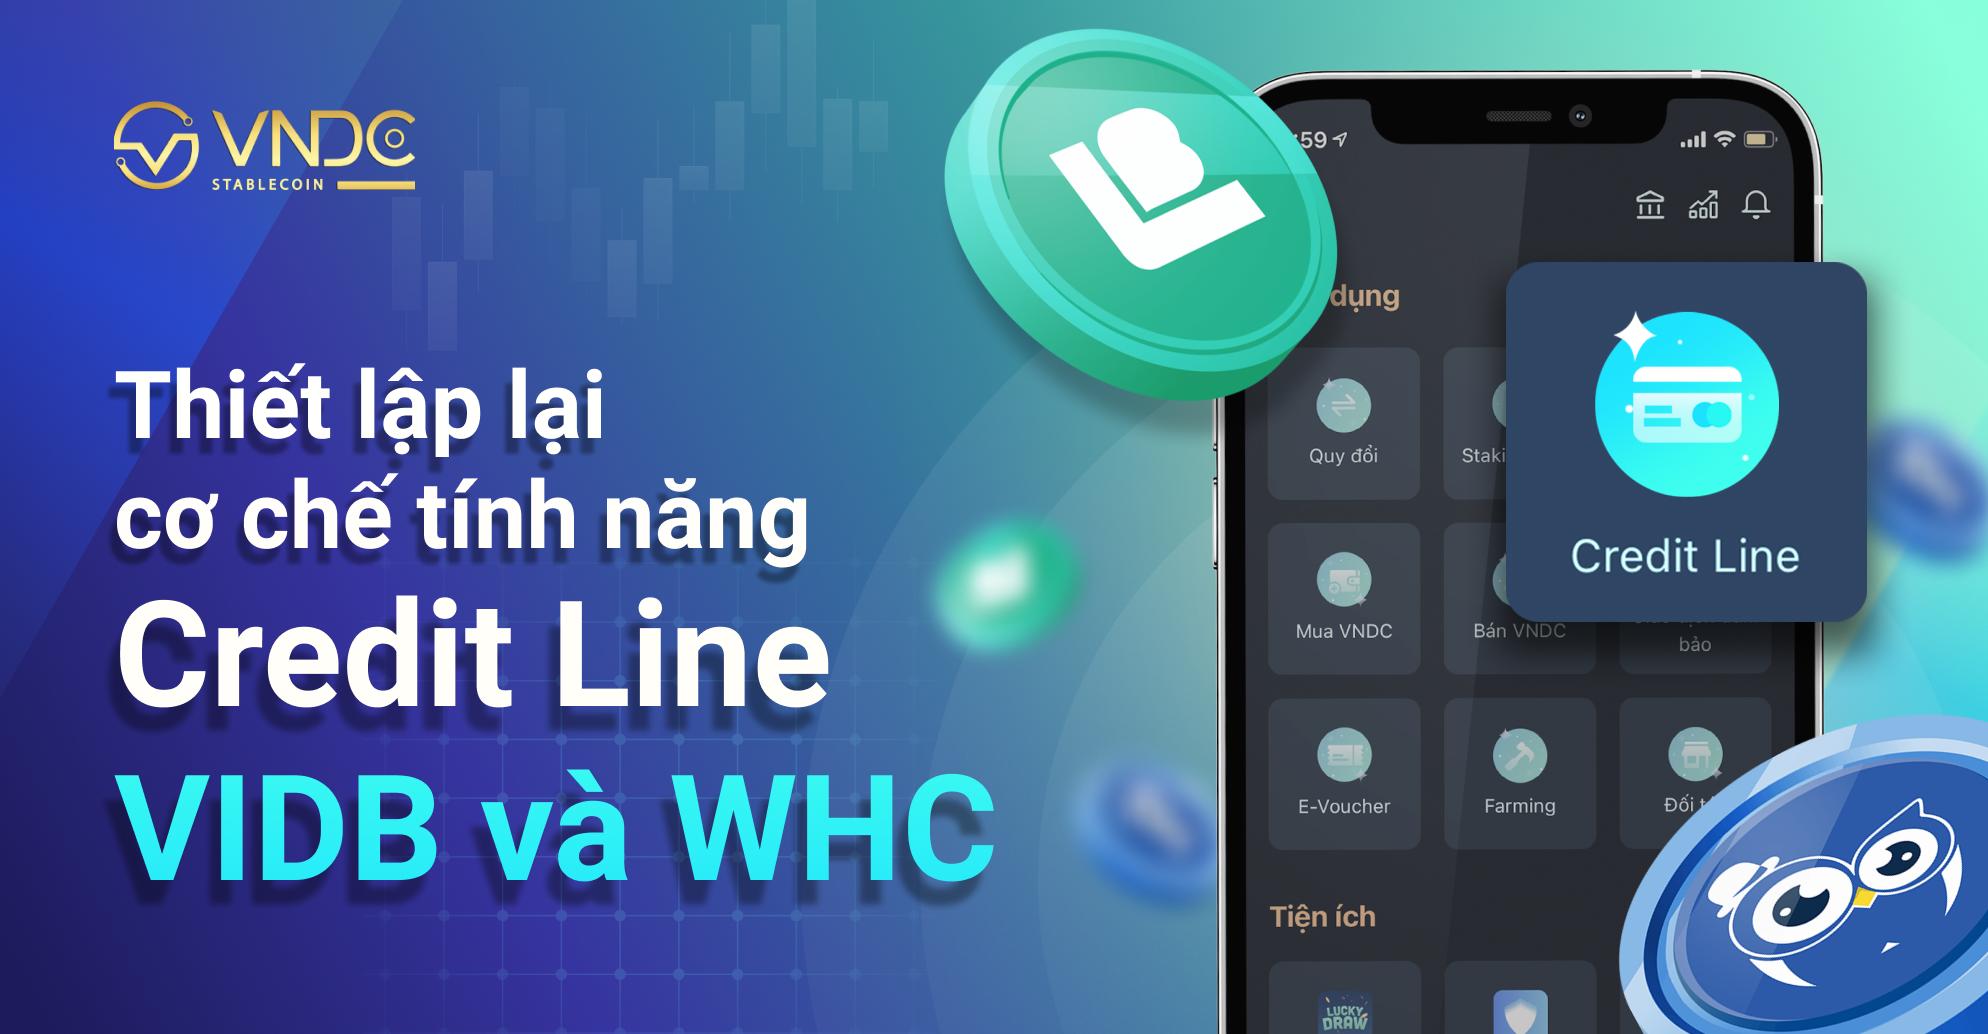 Thông báo: Thiết lập lại cơ chế Credit Line cho VIDB và WHC